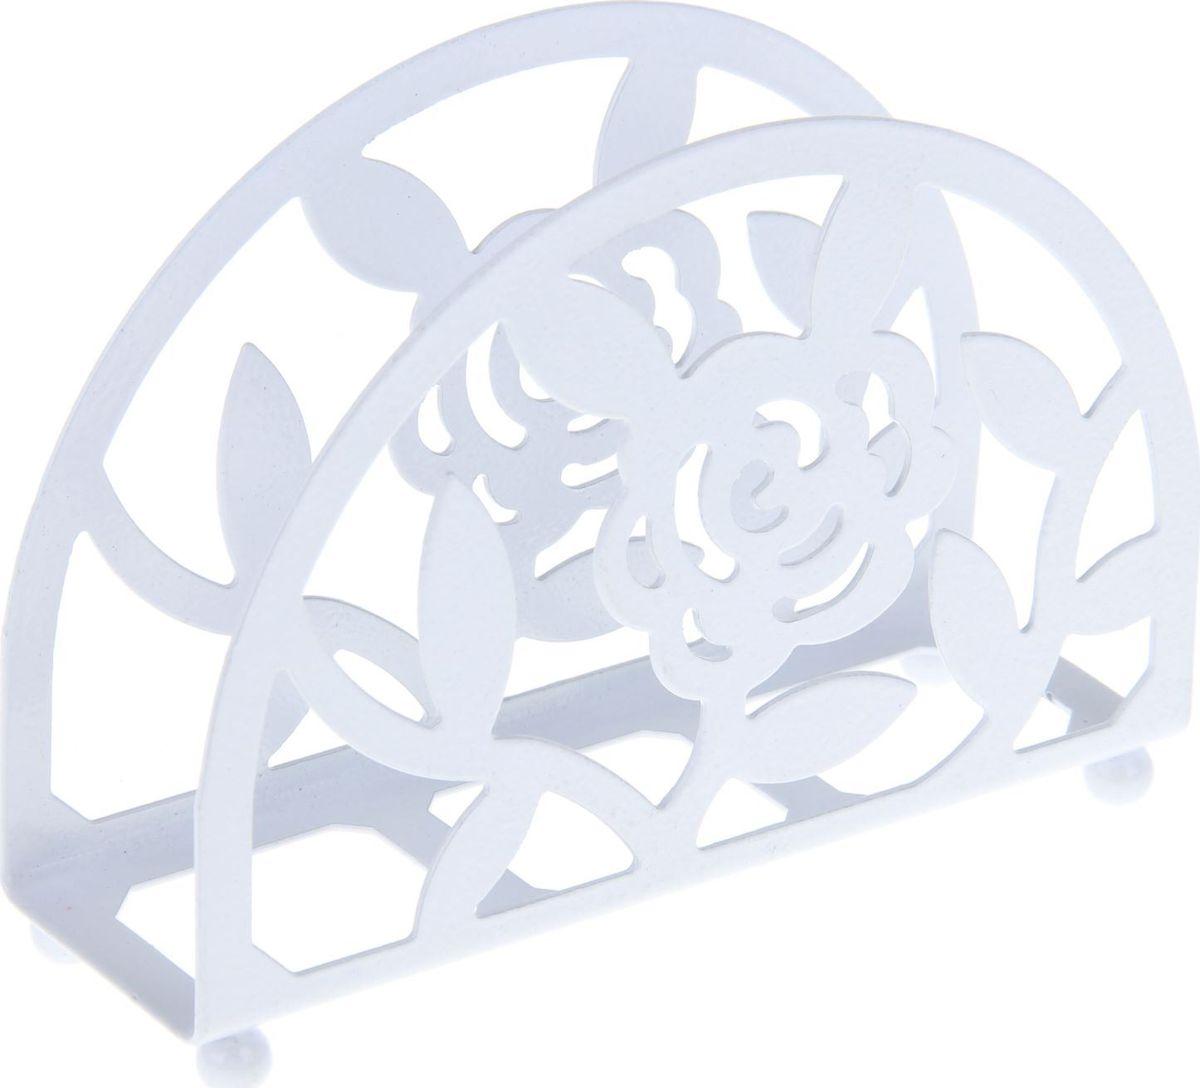 Салфетница Доляна Розы, 13 х 4 х 9 см1260283Салфетница – это обязательный предмет сервировки. Подобранная со вкусом и изяществом салфетница – это еще и декоративный элемент, отвечающий за эстетическую наполненность каждой трапезы.